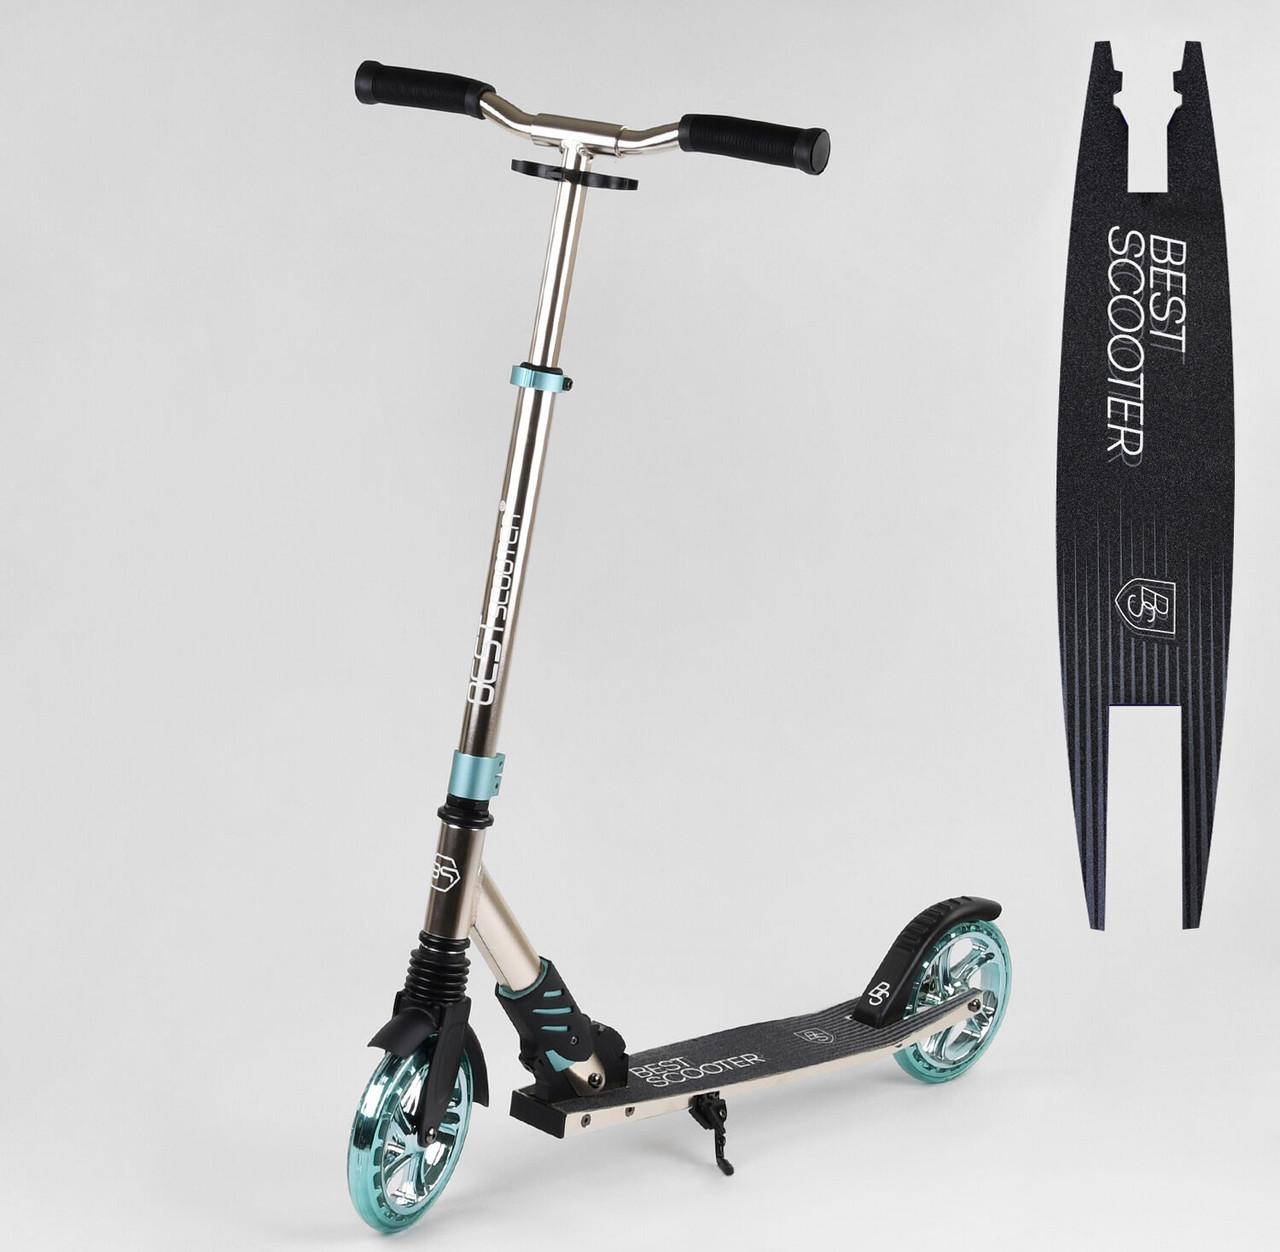 Складной, компактный, двухколесный самокат для подростков с регулировкой высоты руля S-10133 Best Scooter